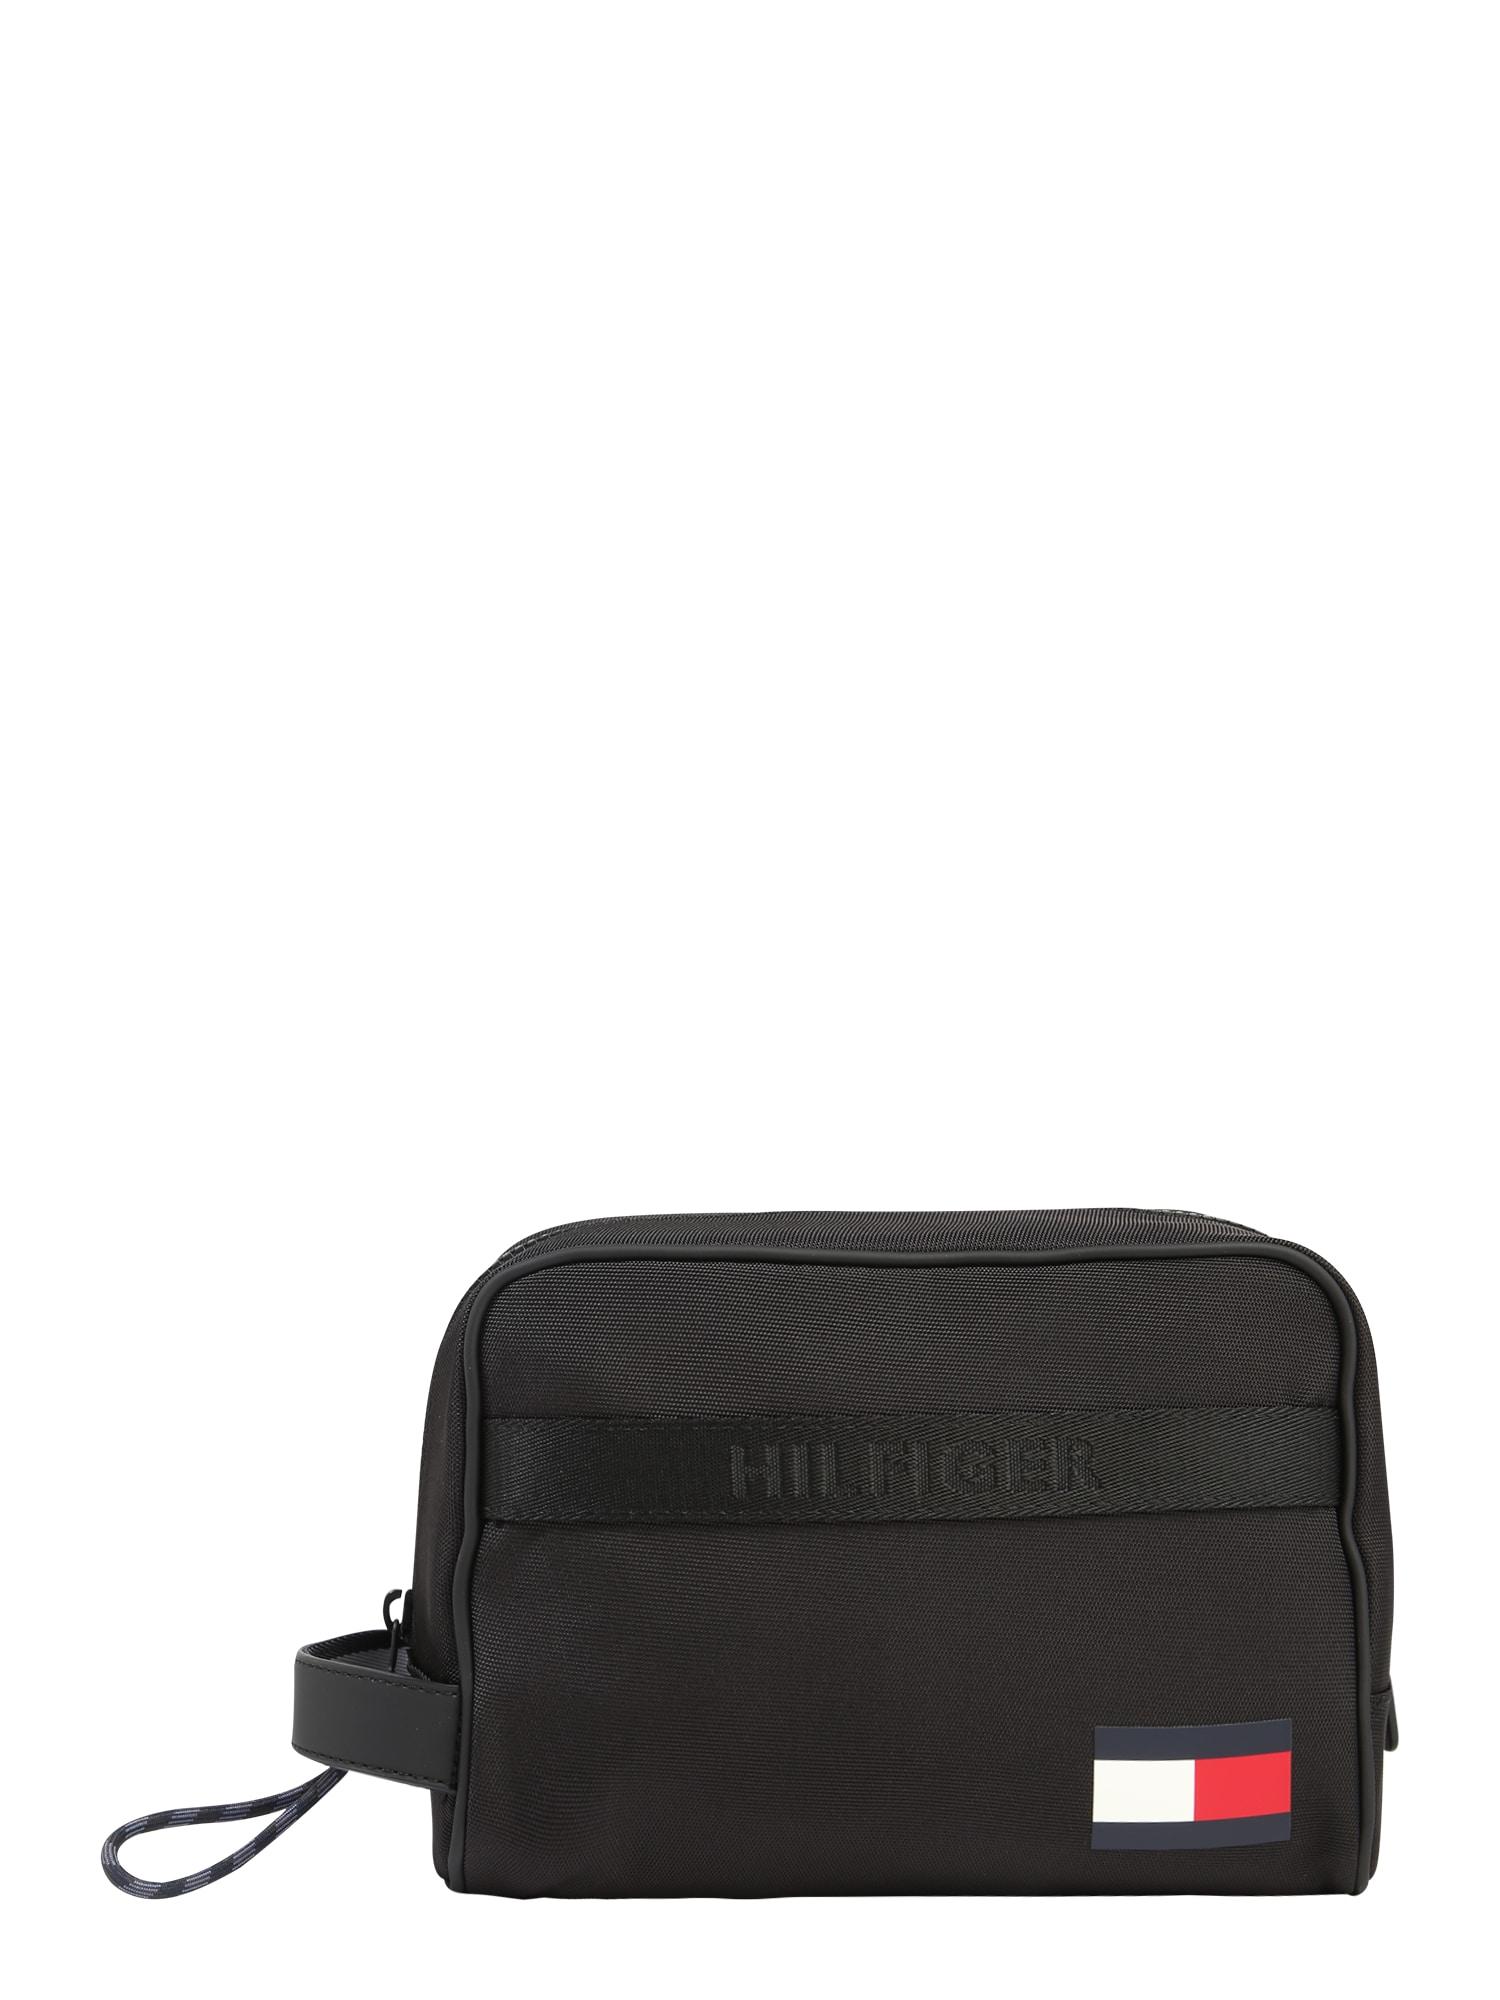 TOMMY HILFIGER Tuoleto reikmenų krepšys tamsiai mėlyna / balta / raudona / juoda